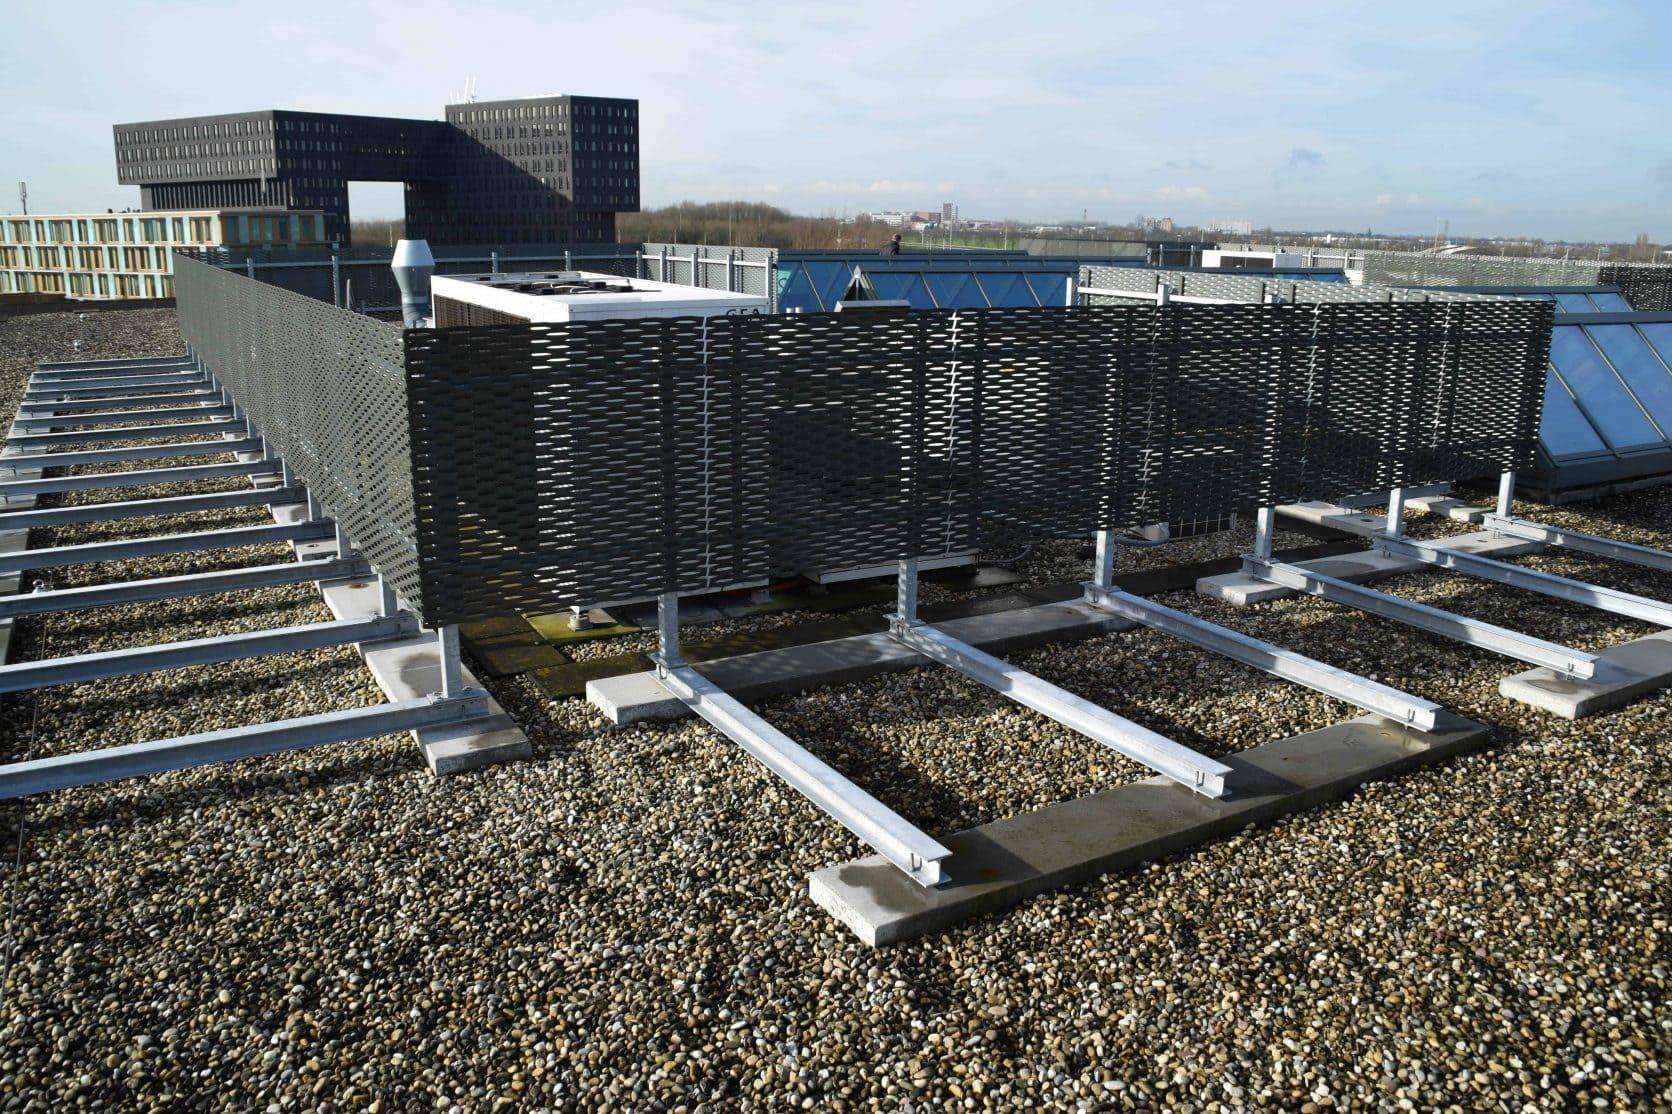 MD Strekmetaal dakopbouw als afscherming van installaties bij Ortelisalaan in Utrecht